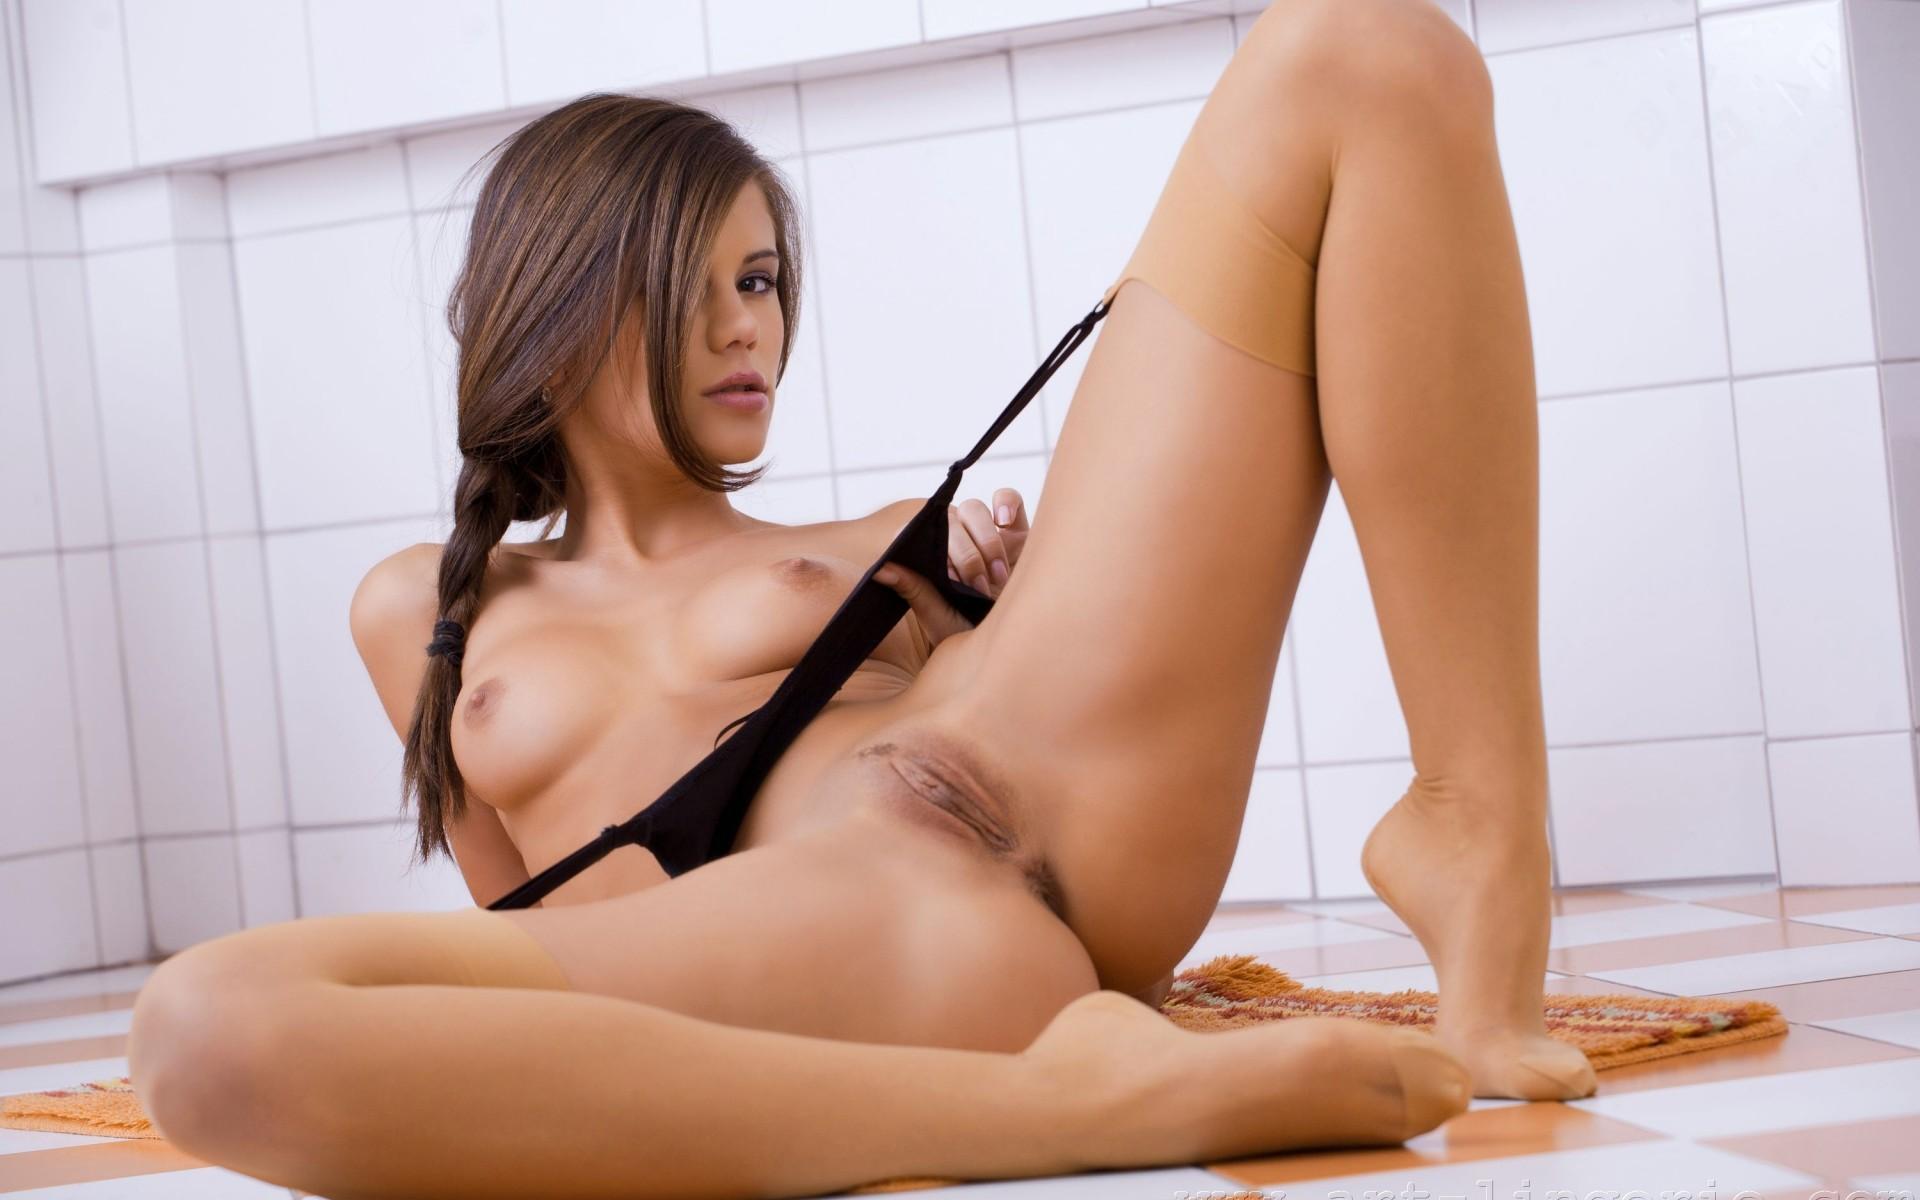 после голая секс фото всех девушки вас интернете ищут